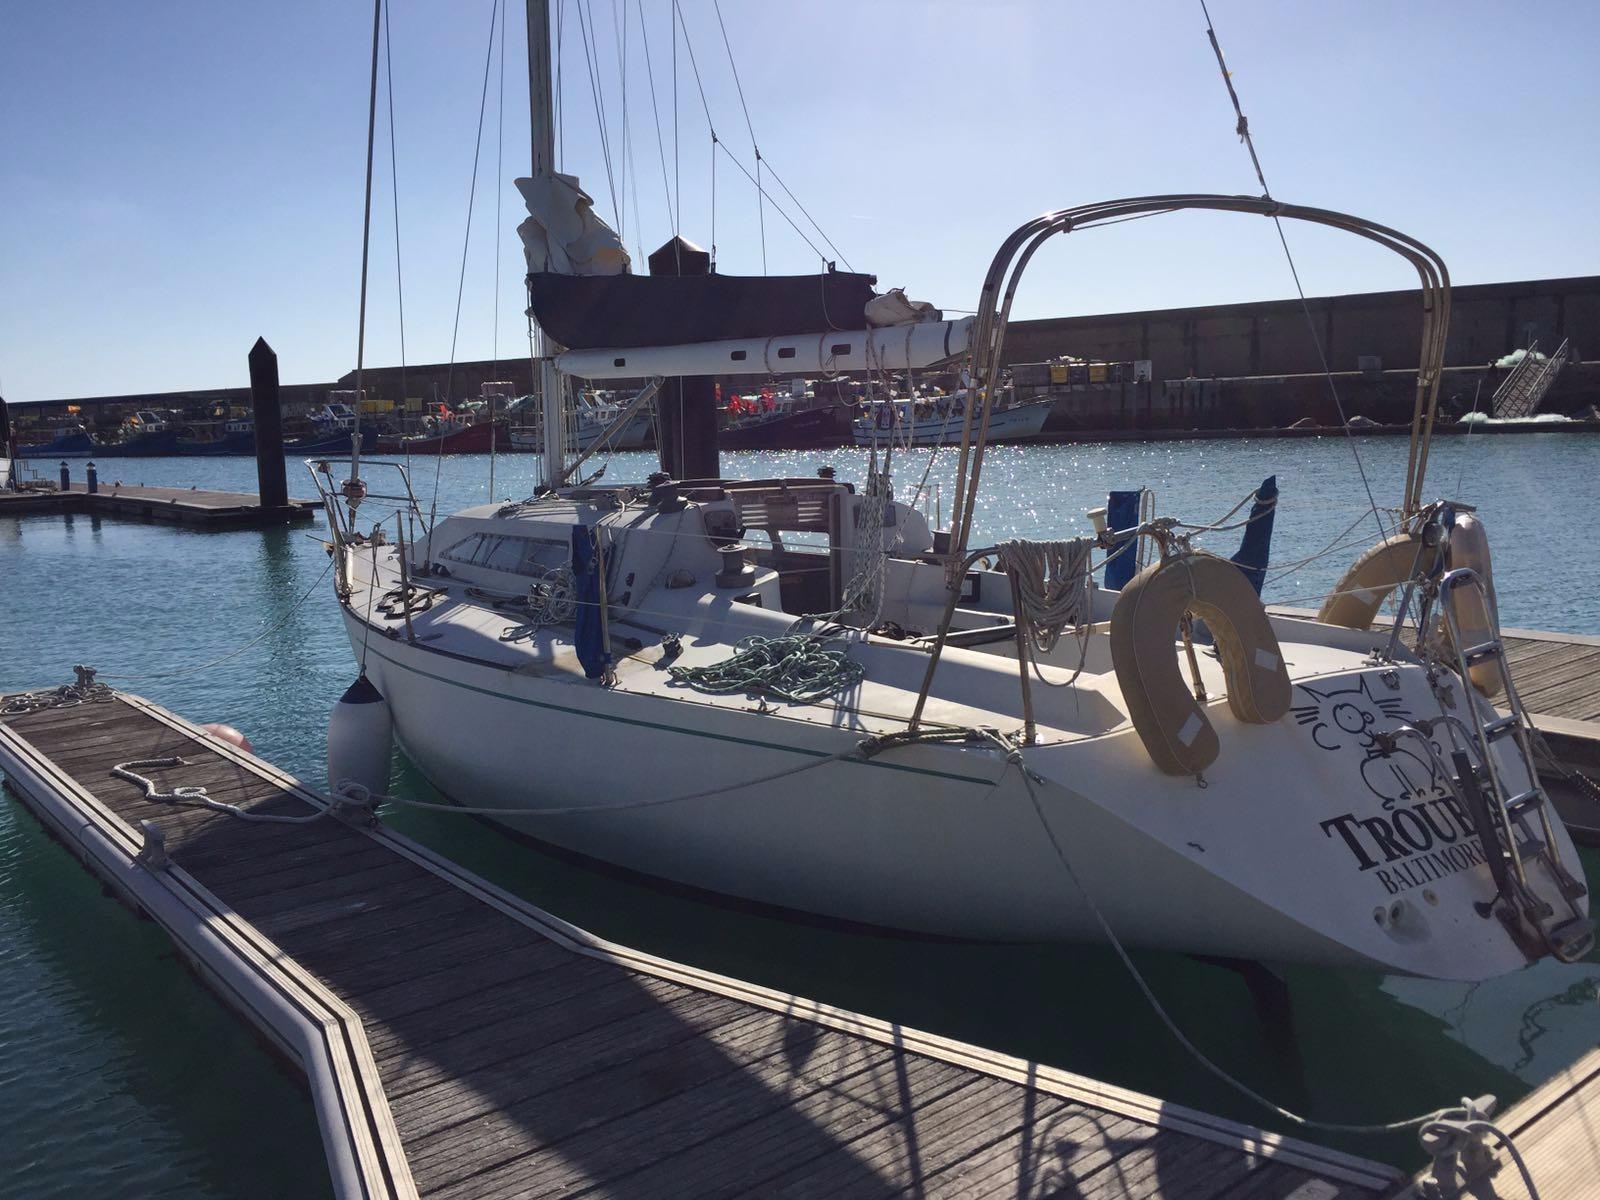 1984 Annapolis Custon Yacht Farr 33, Spain - boats com